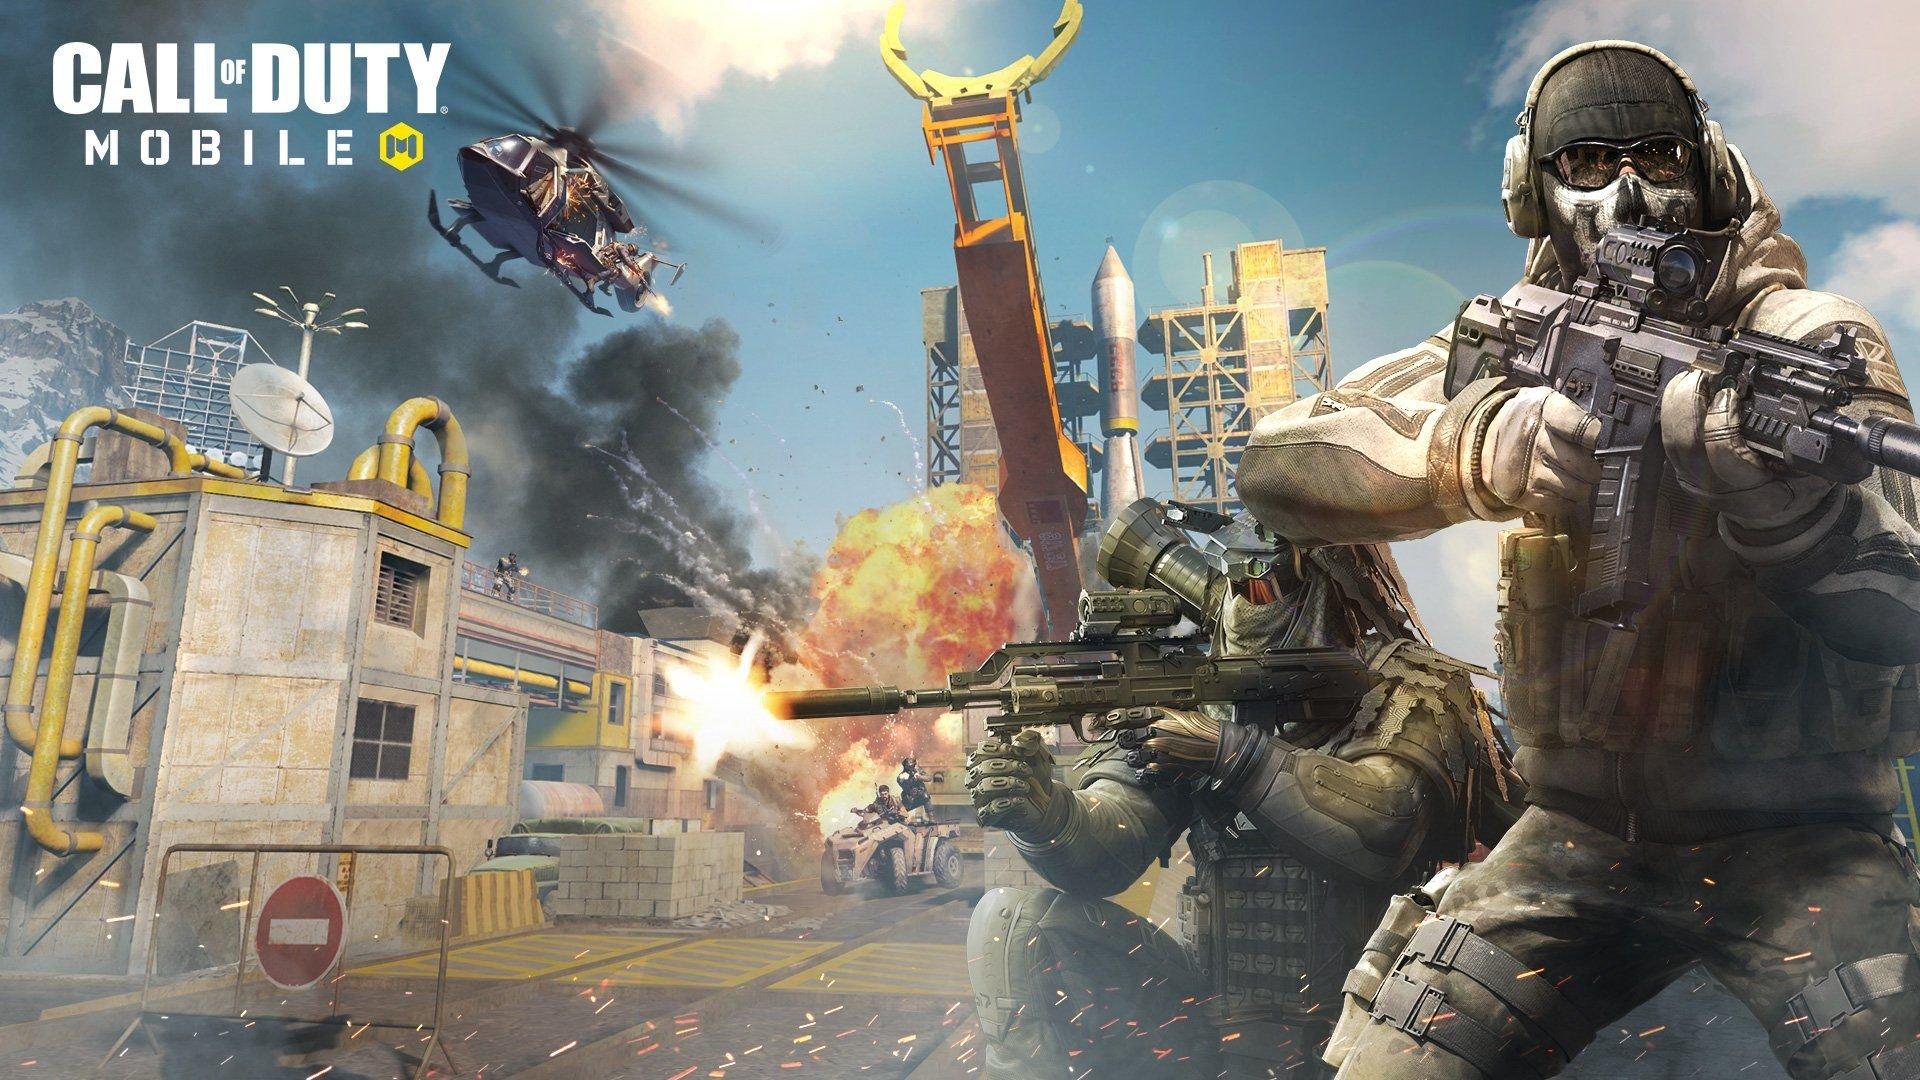 صورة أخيرًا لعبة Call of Duty: Mobile قادمة في 1 أكتوبر على أندرويد و iOS